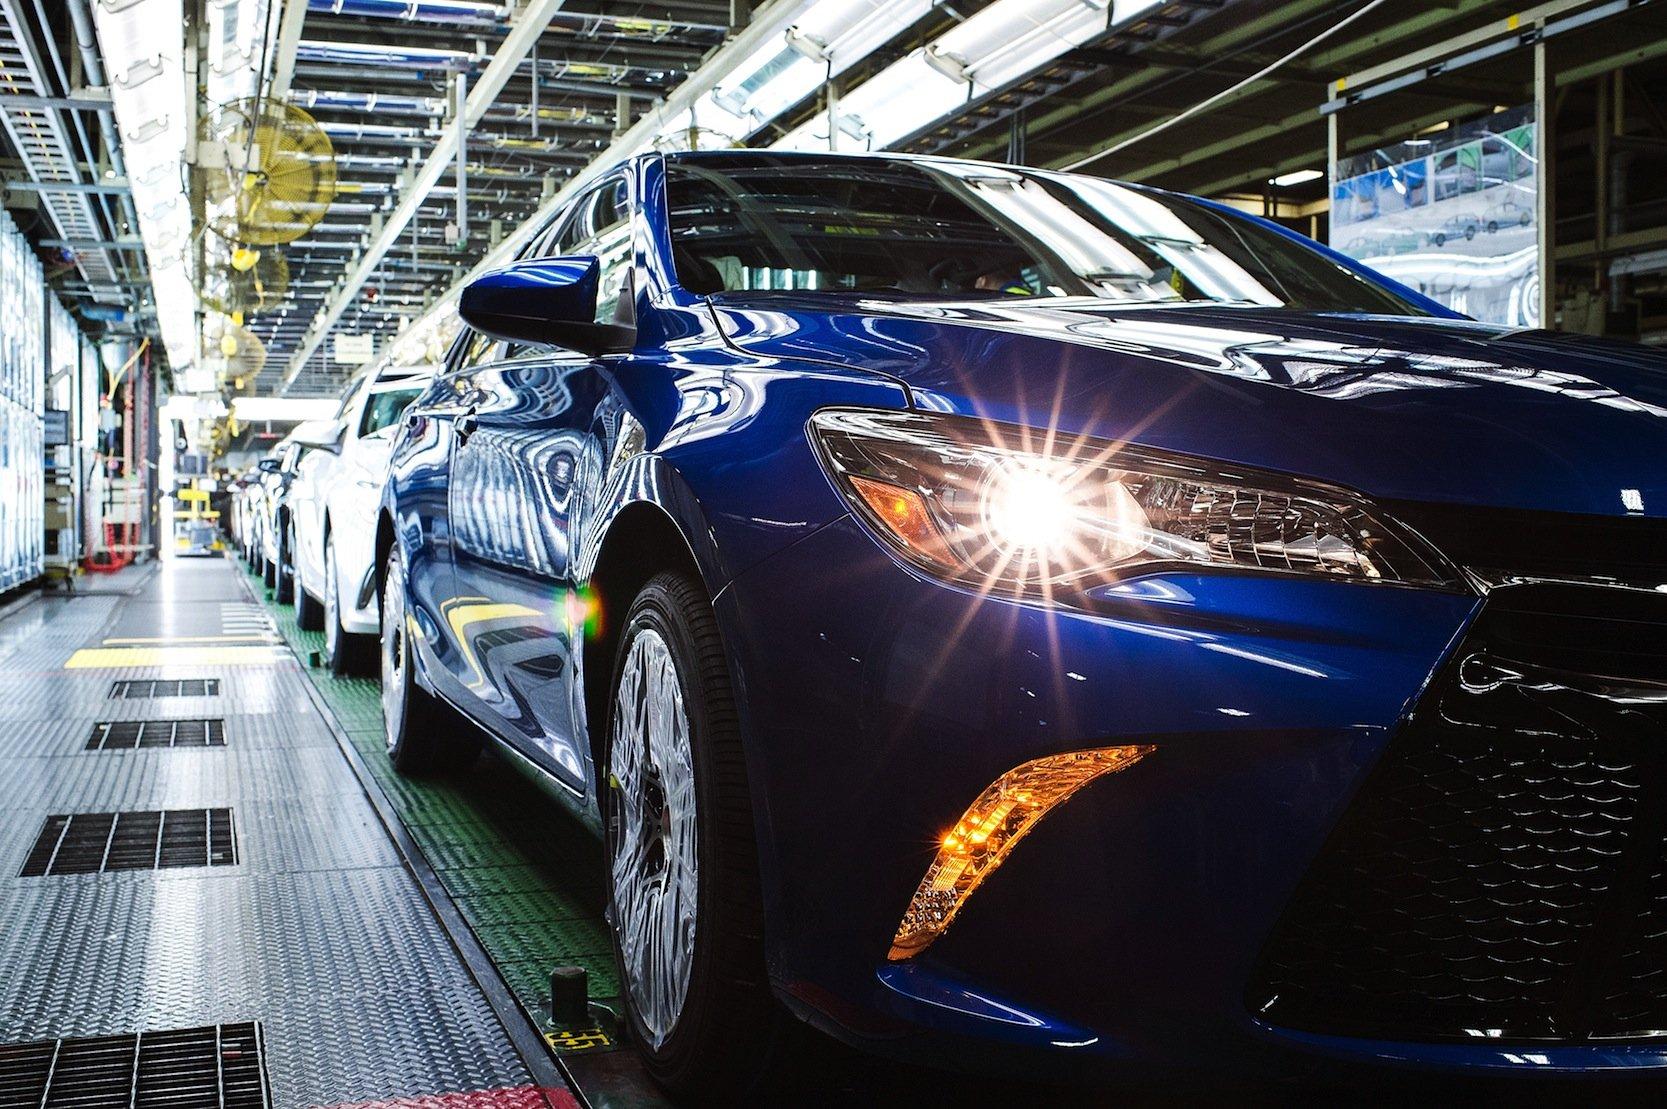 Produktion des ToyotaCamry in den USA: Es ist das Auto mit dem höchsten US-Anteil.